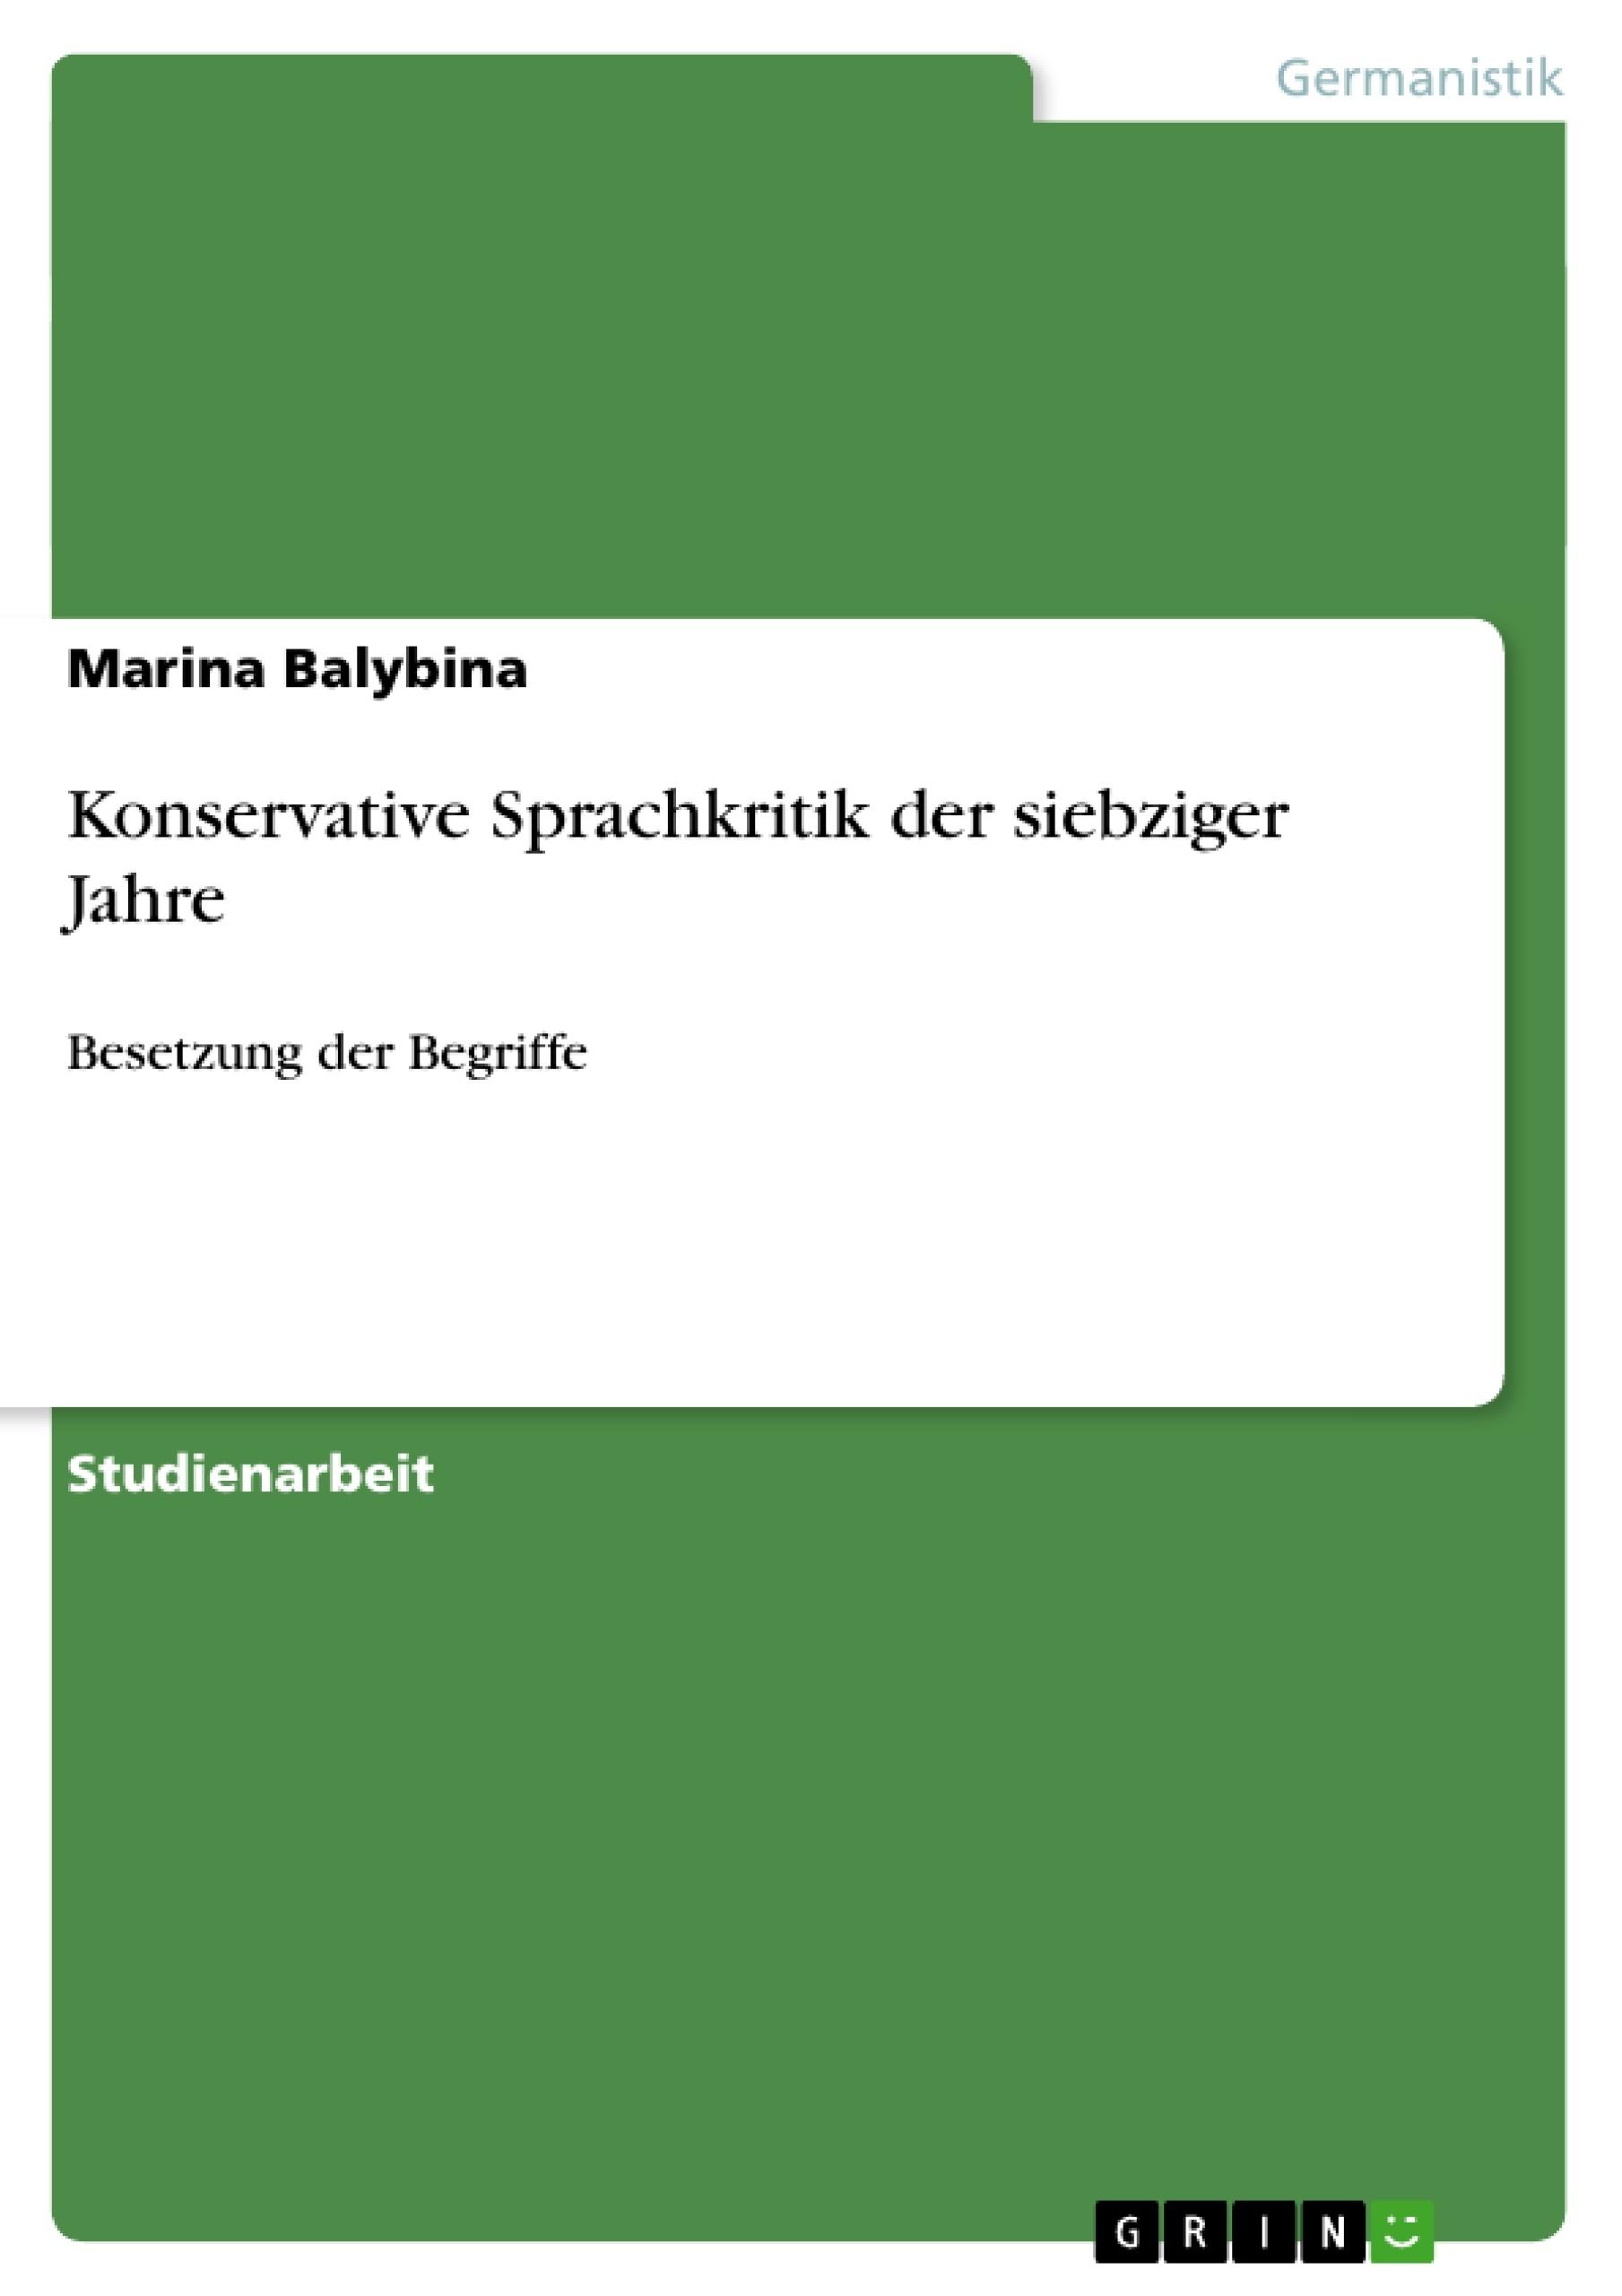 Titel: Konservative Sprachkritik der siebziger Jahre